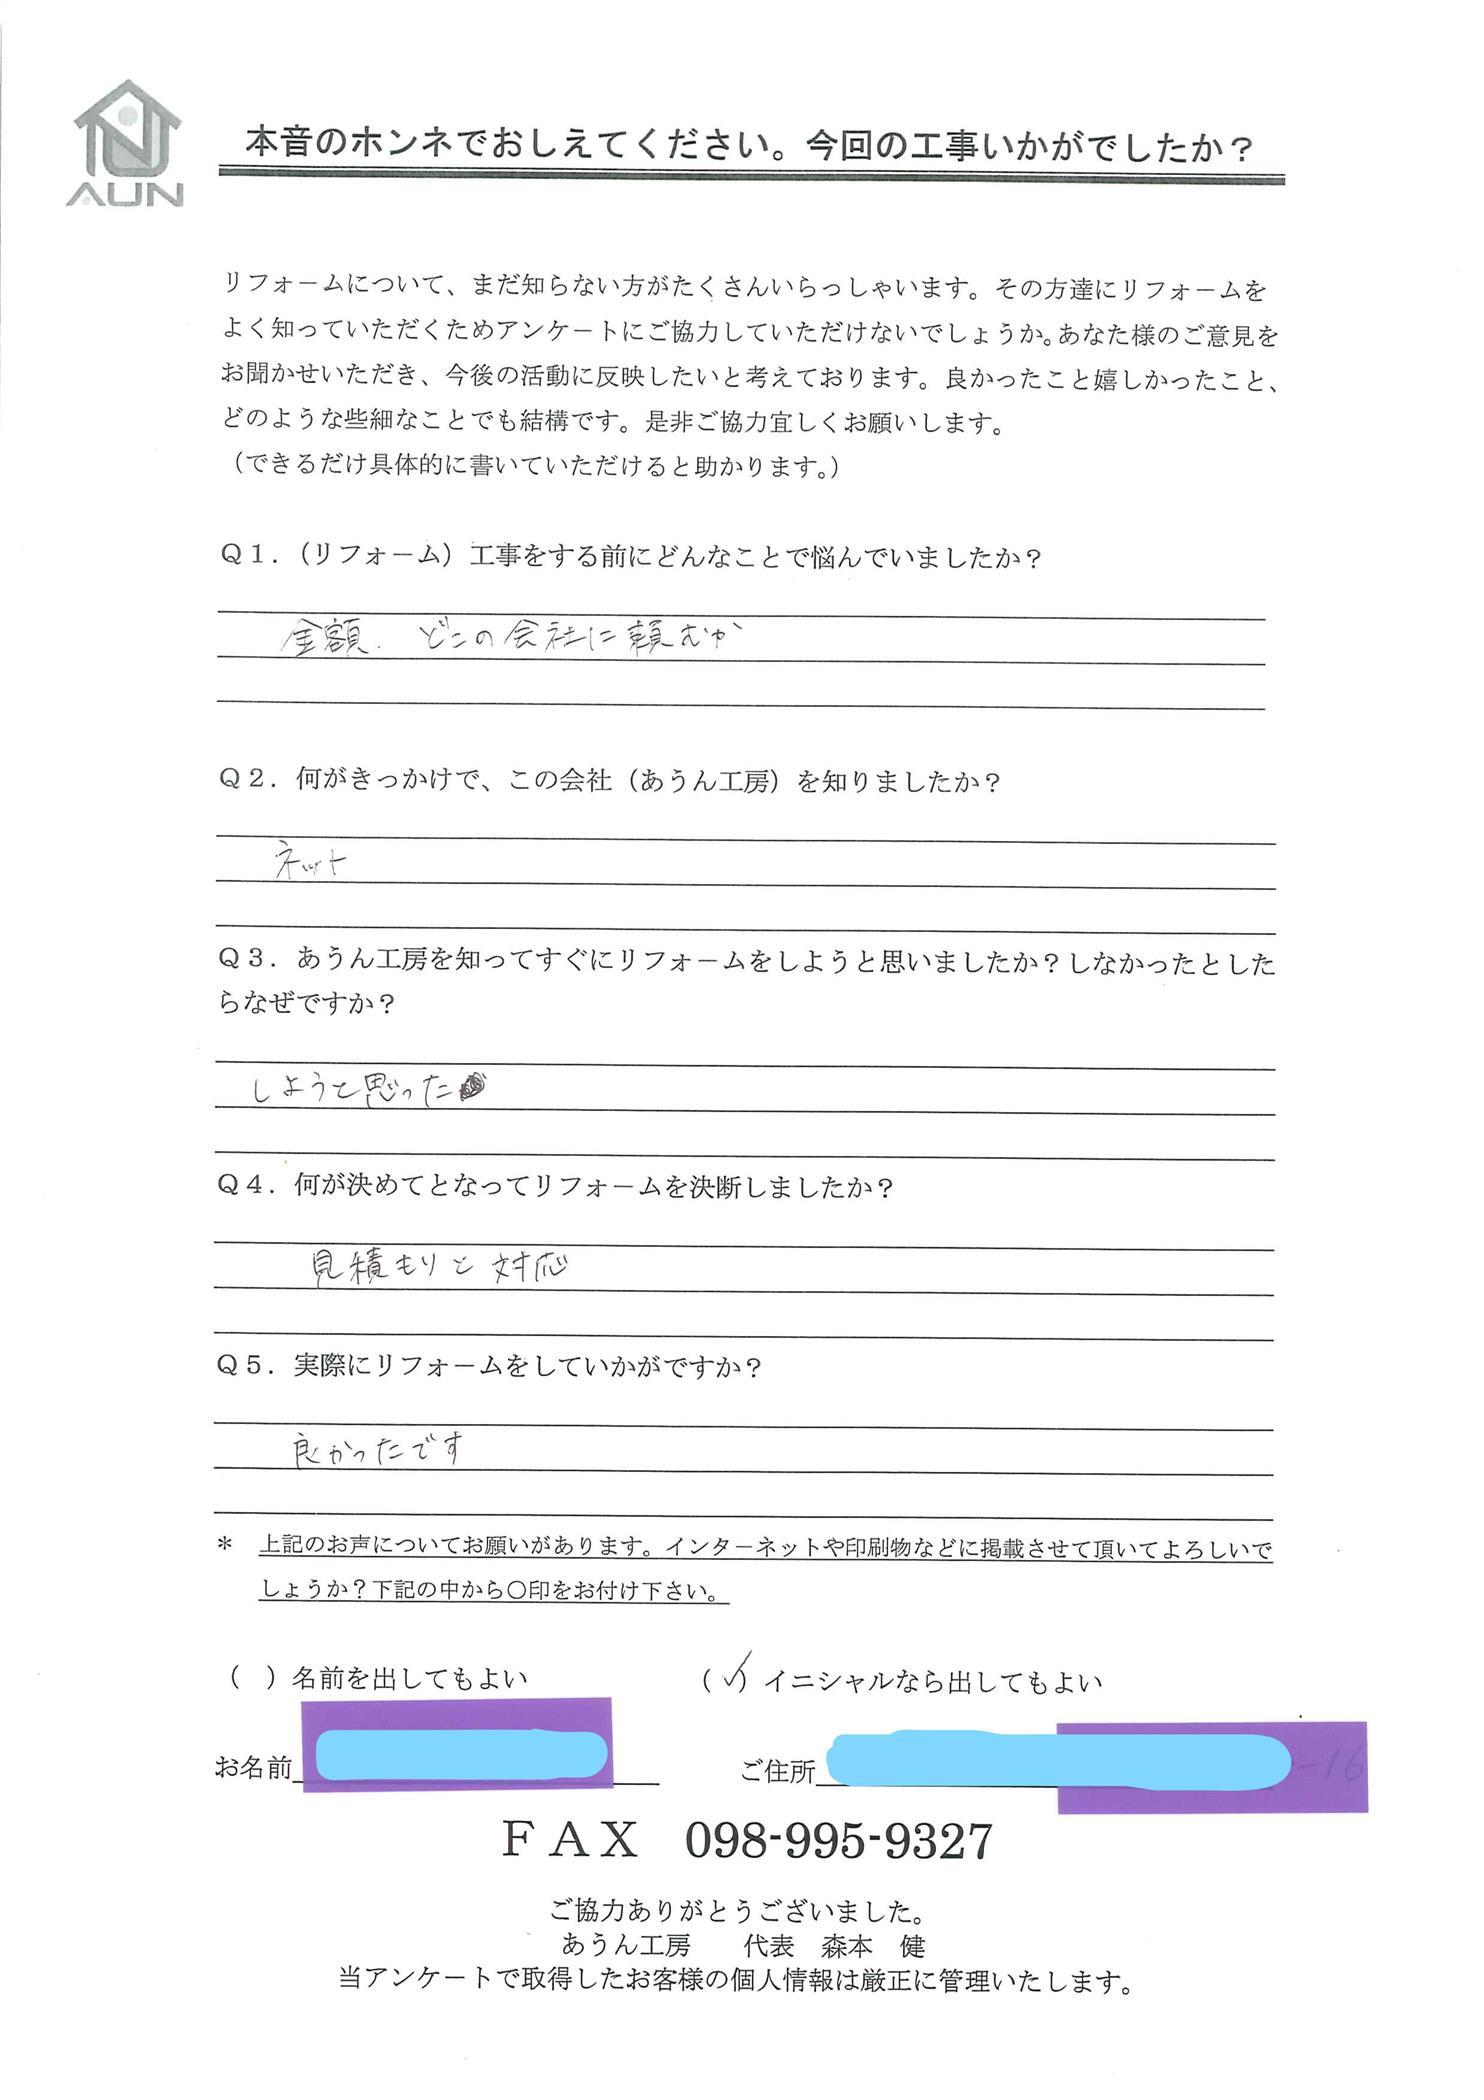 沖縄・那覇のリフォーム 実際のアンケートの画像:浴室タイル張替え